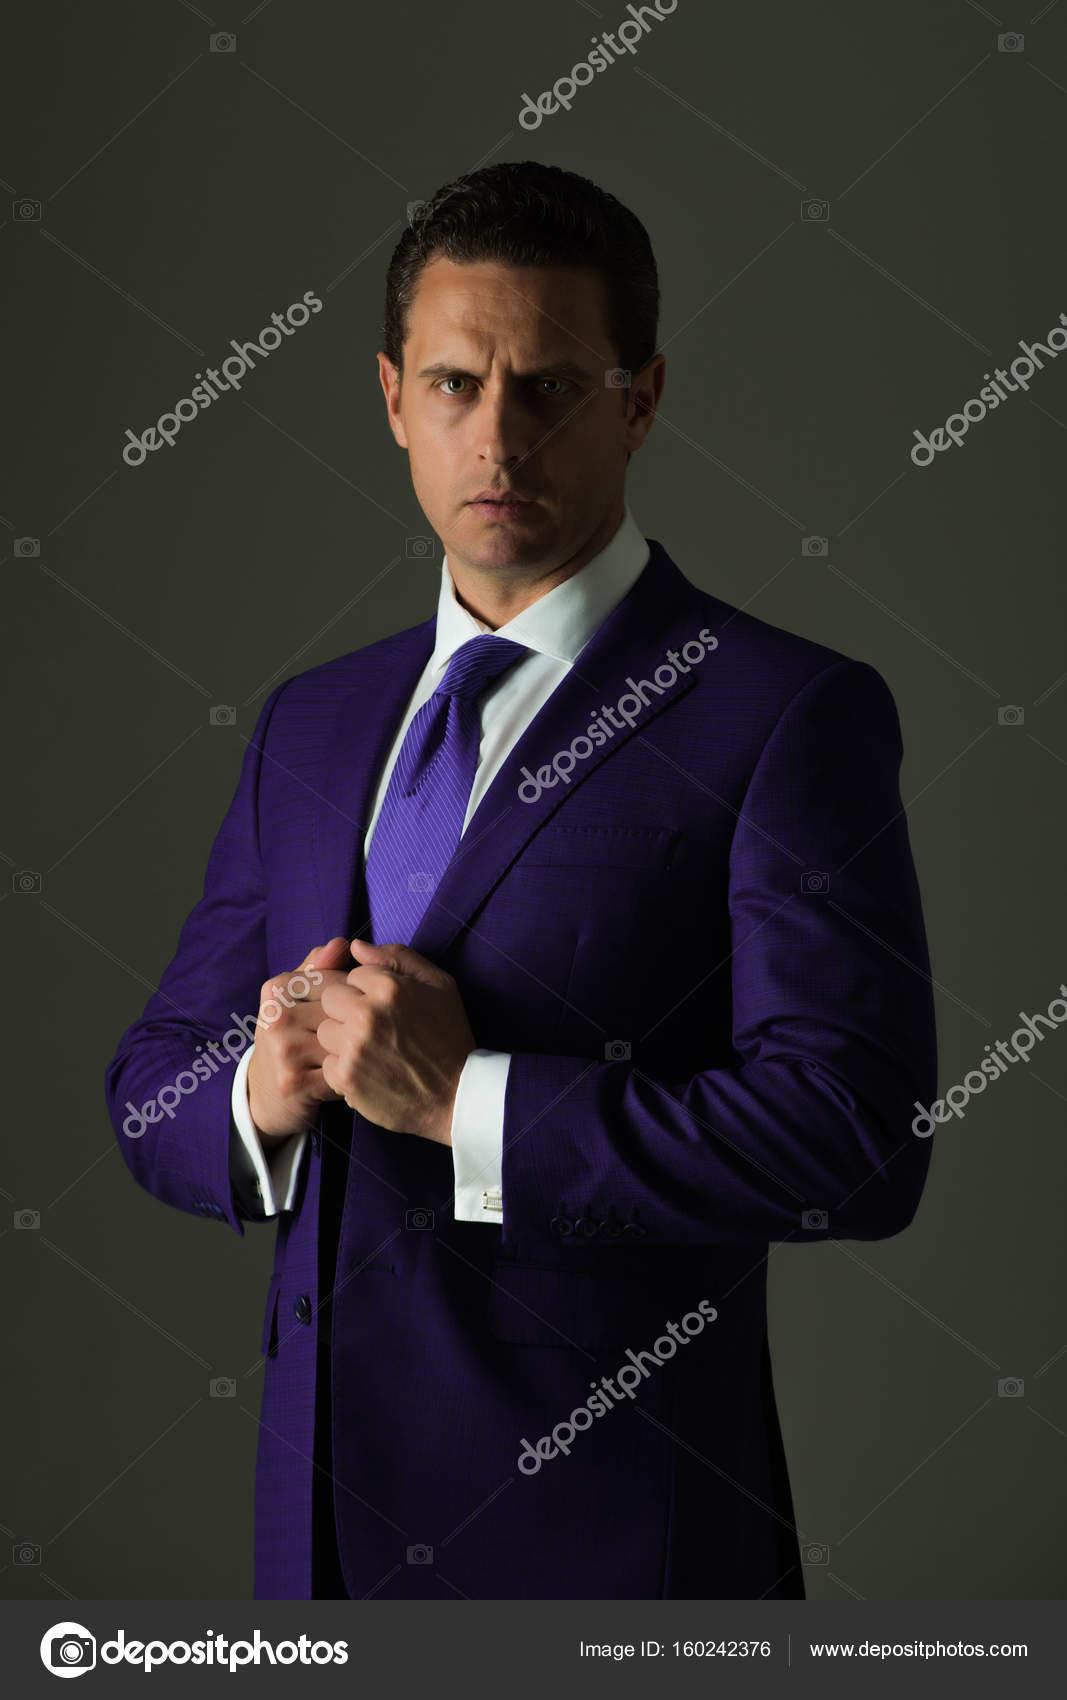 Homme. homme d affaires confiant ou patron réussie réglage ex aequo dans la  mode costume officiel bleu et chemise blanche sur fond gris. fbdc49ef2c2